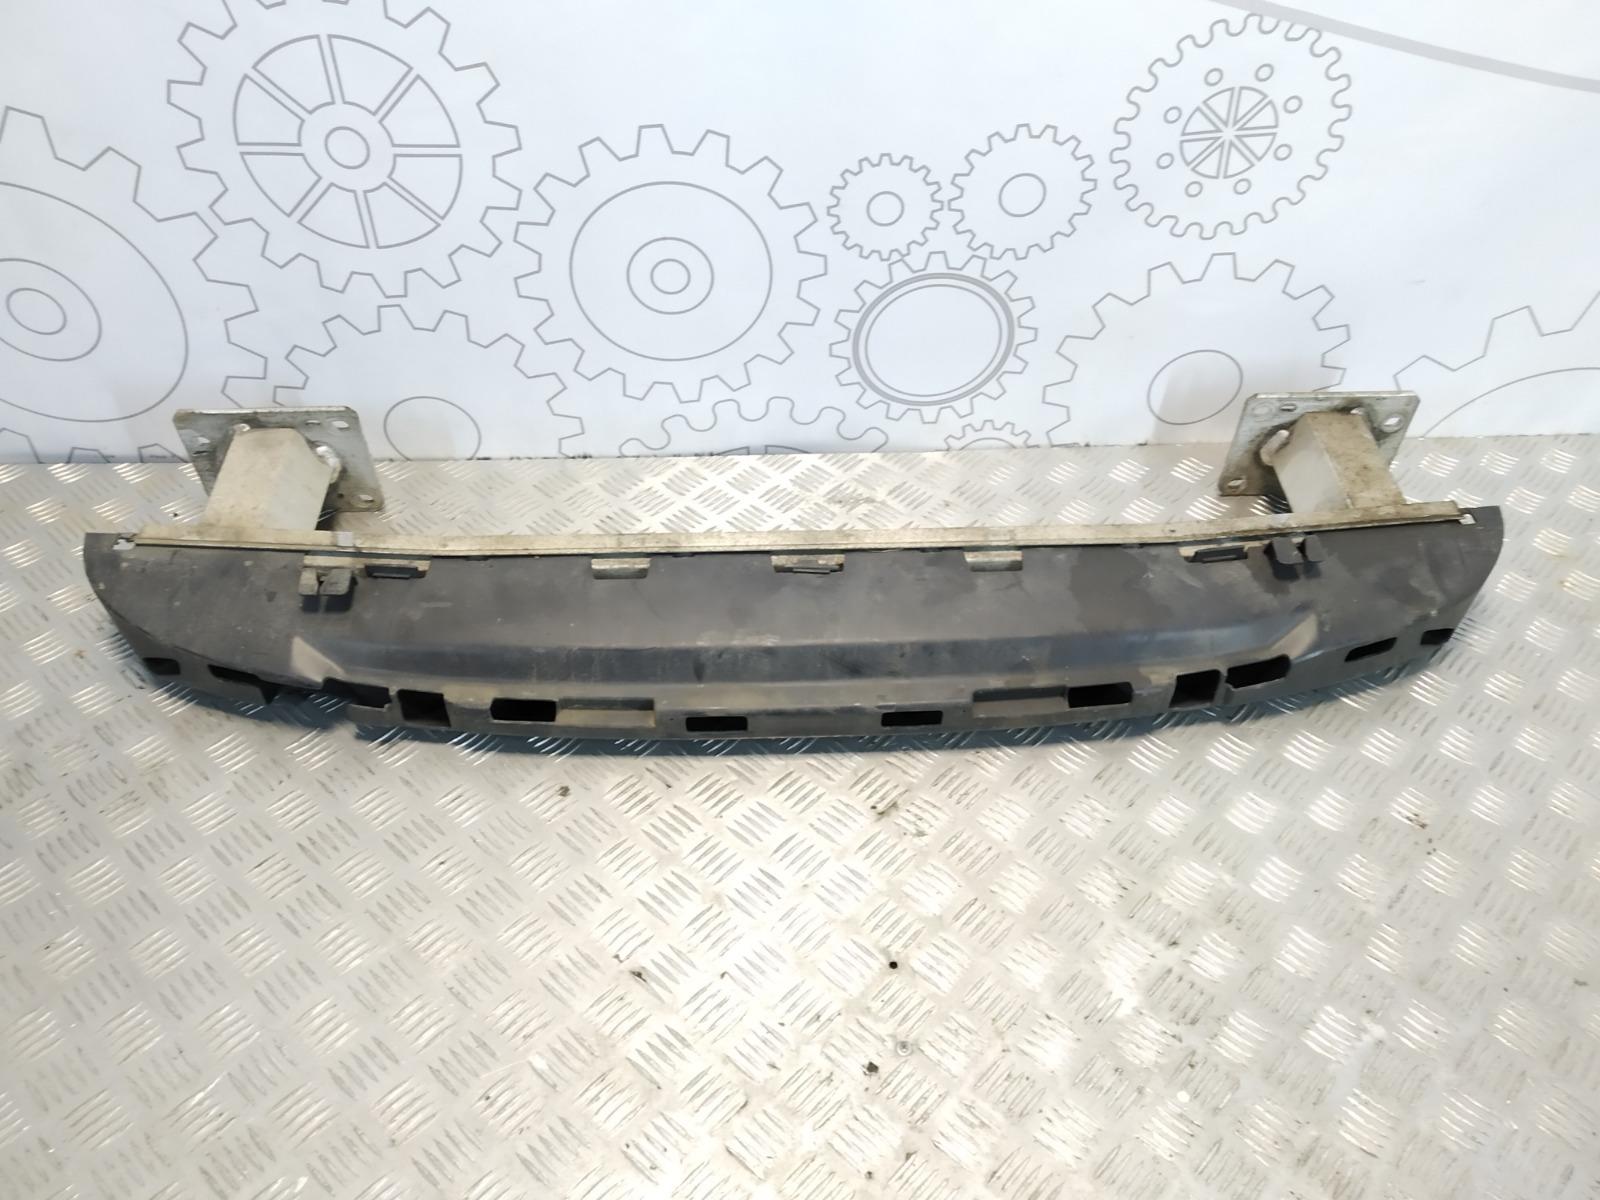 Усилитель бампера переднего Citroen C4 Grand Picasso 1.6 HDI 2009 (б/у)